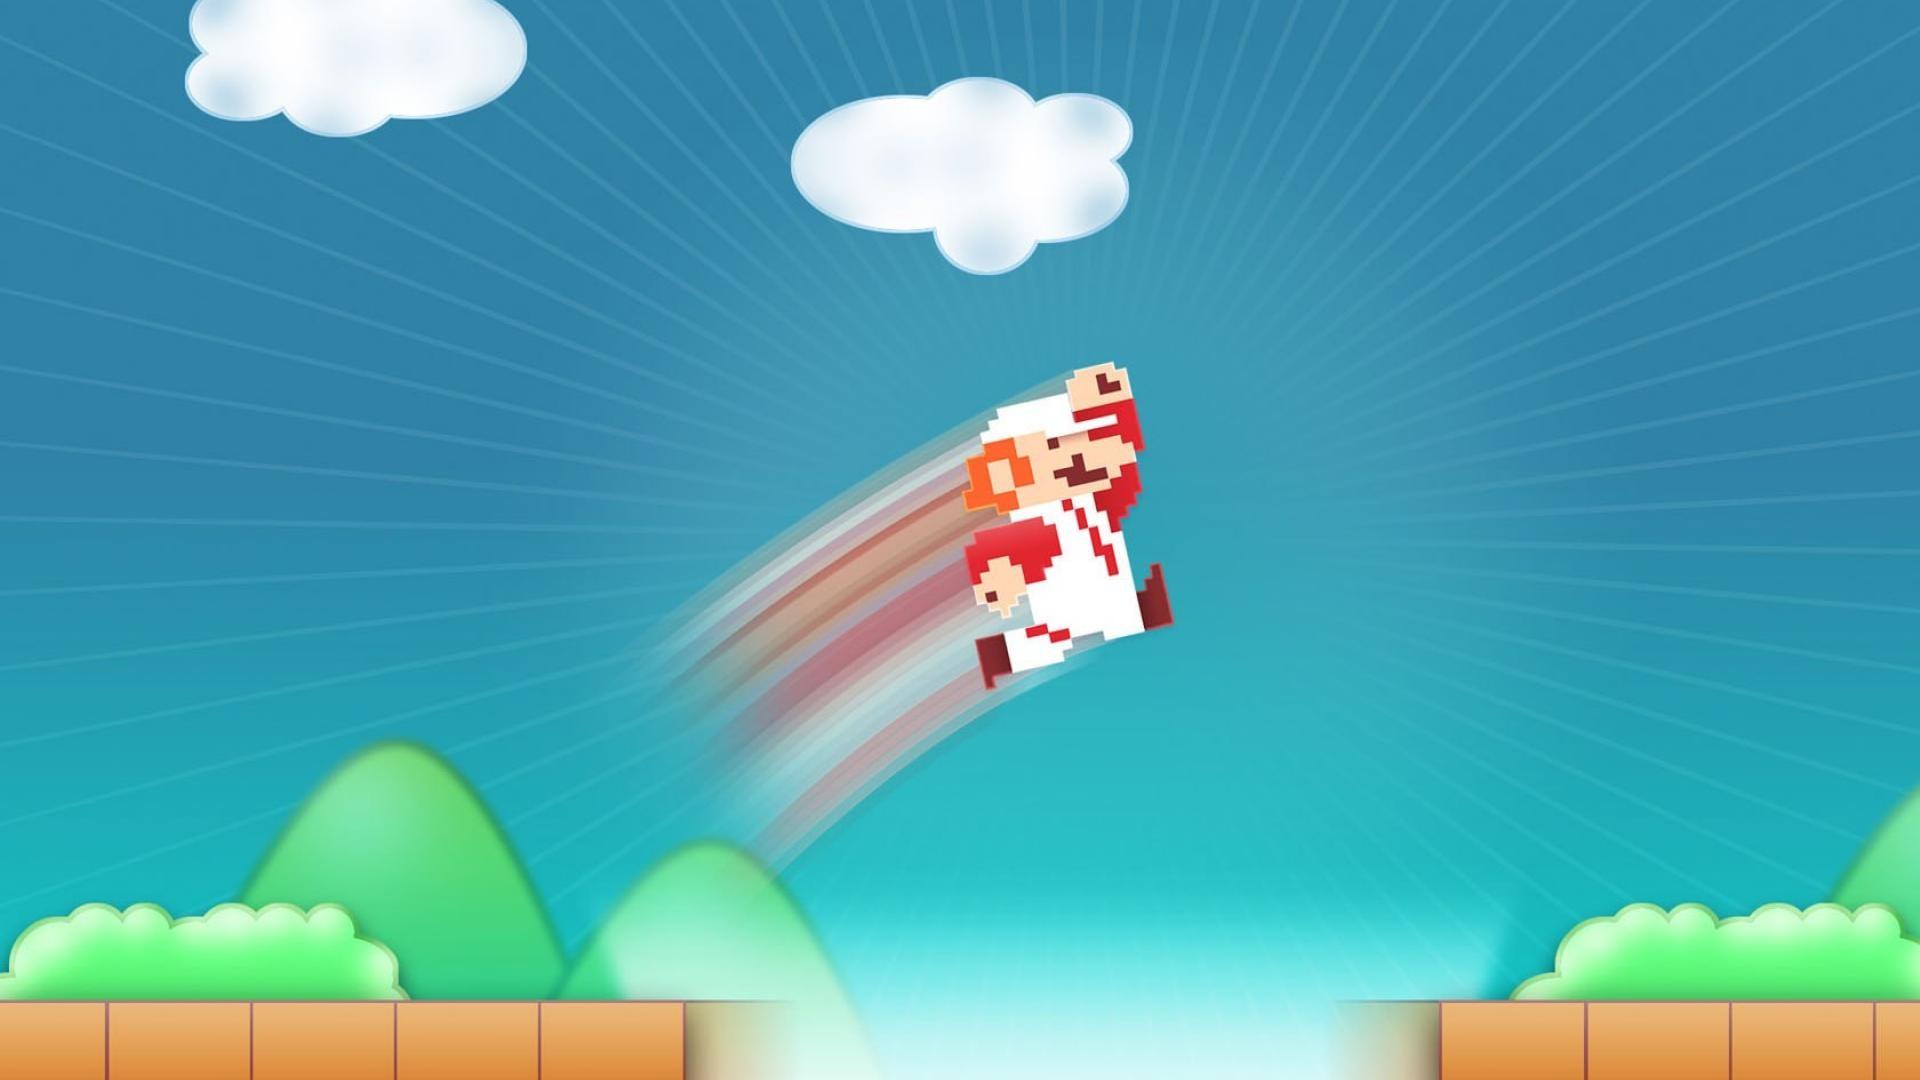 mario bross 2D games jump widescreen HD Wallpaper wallpaper .